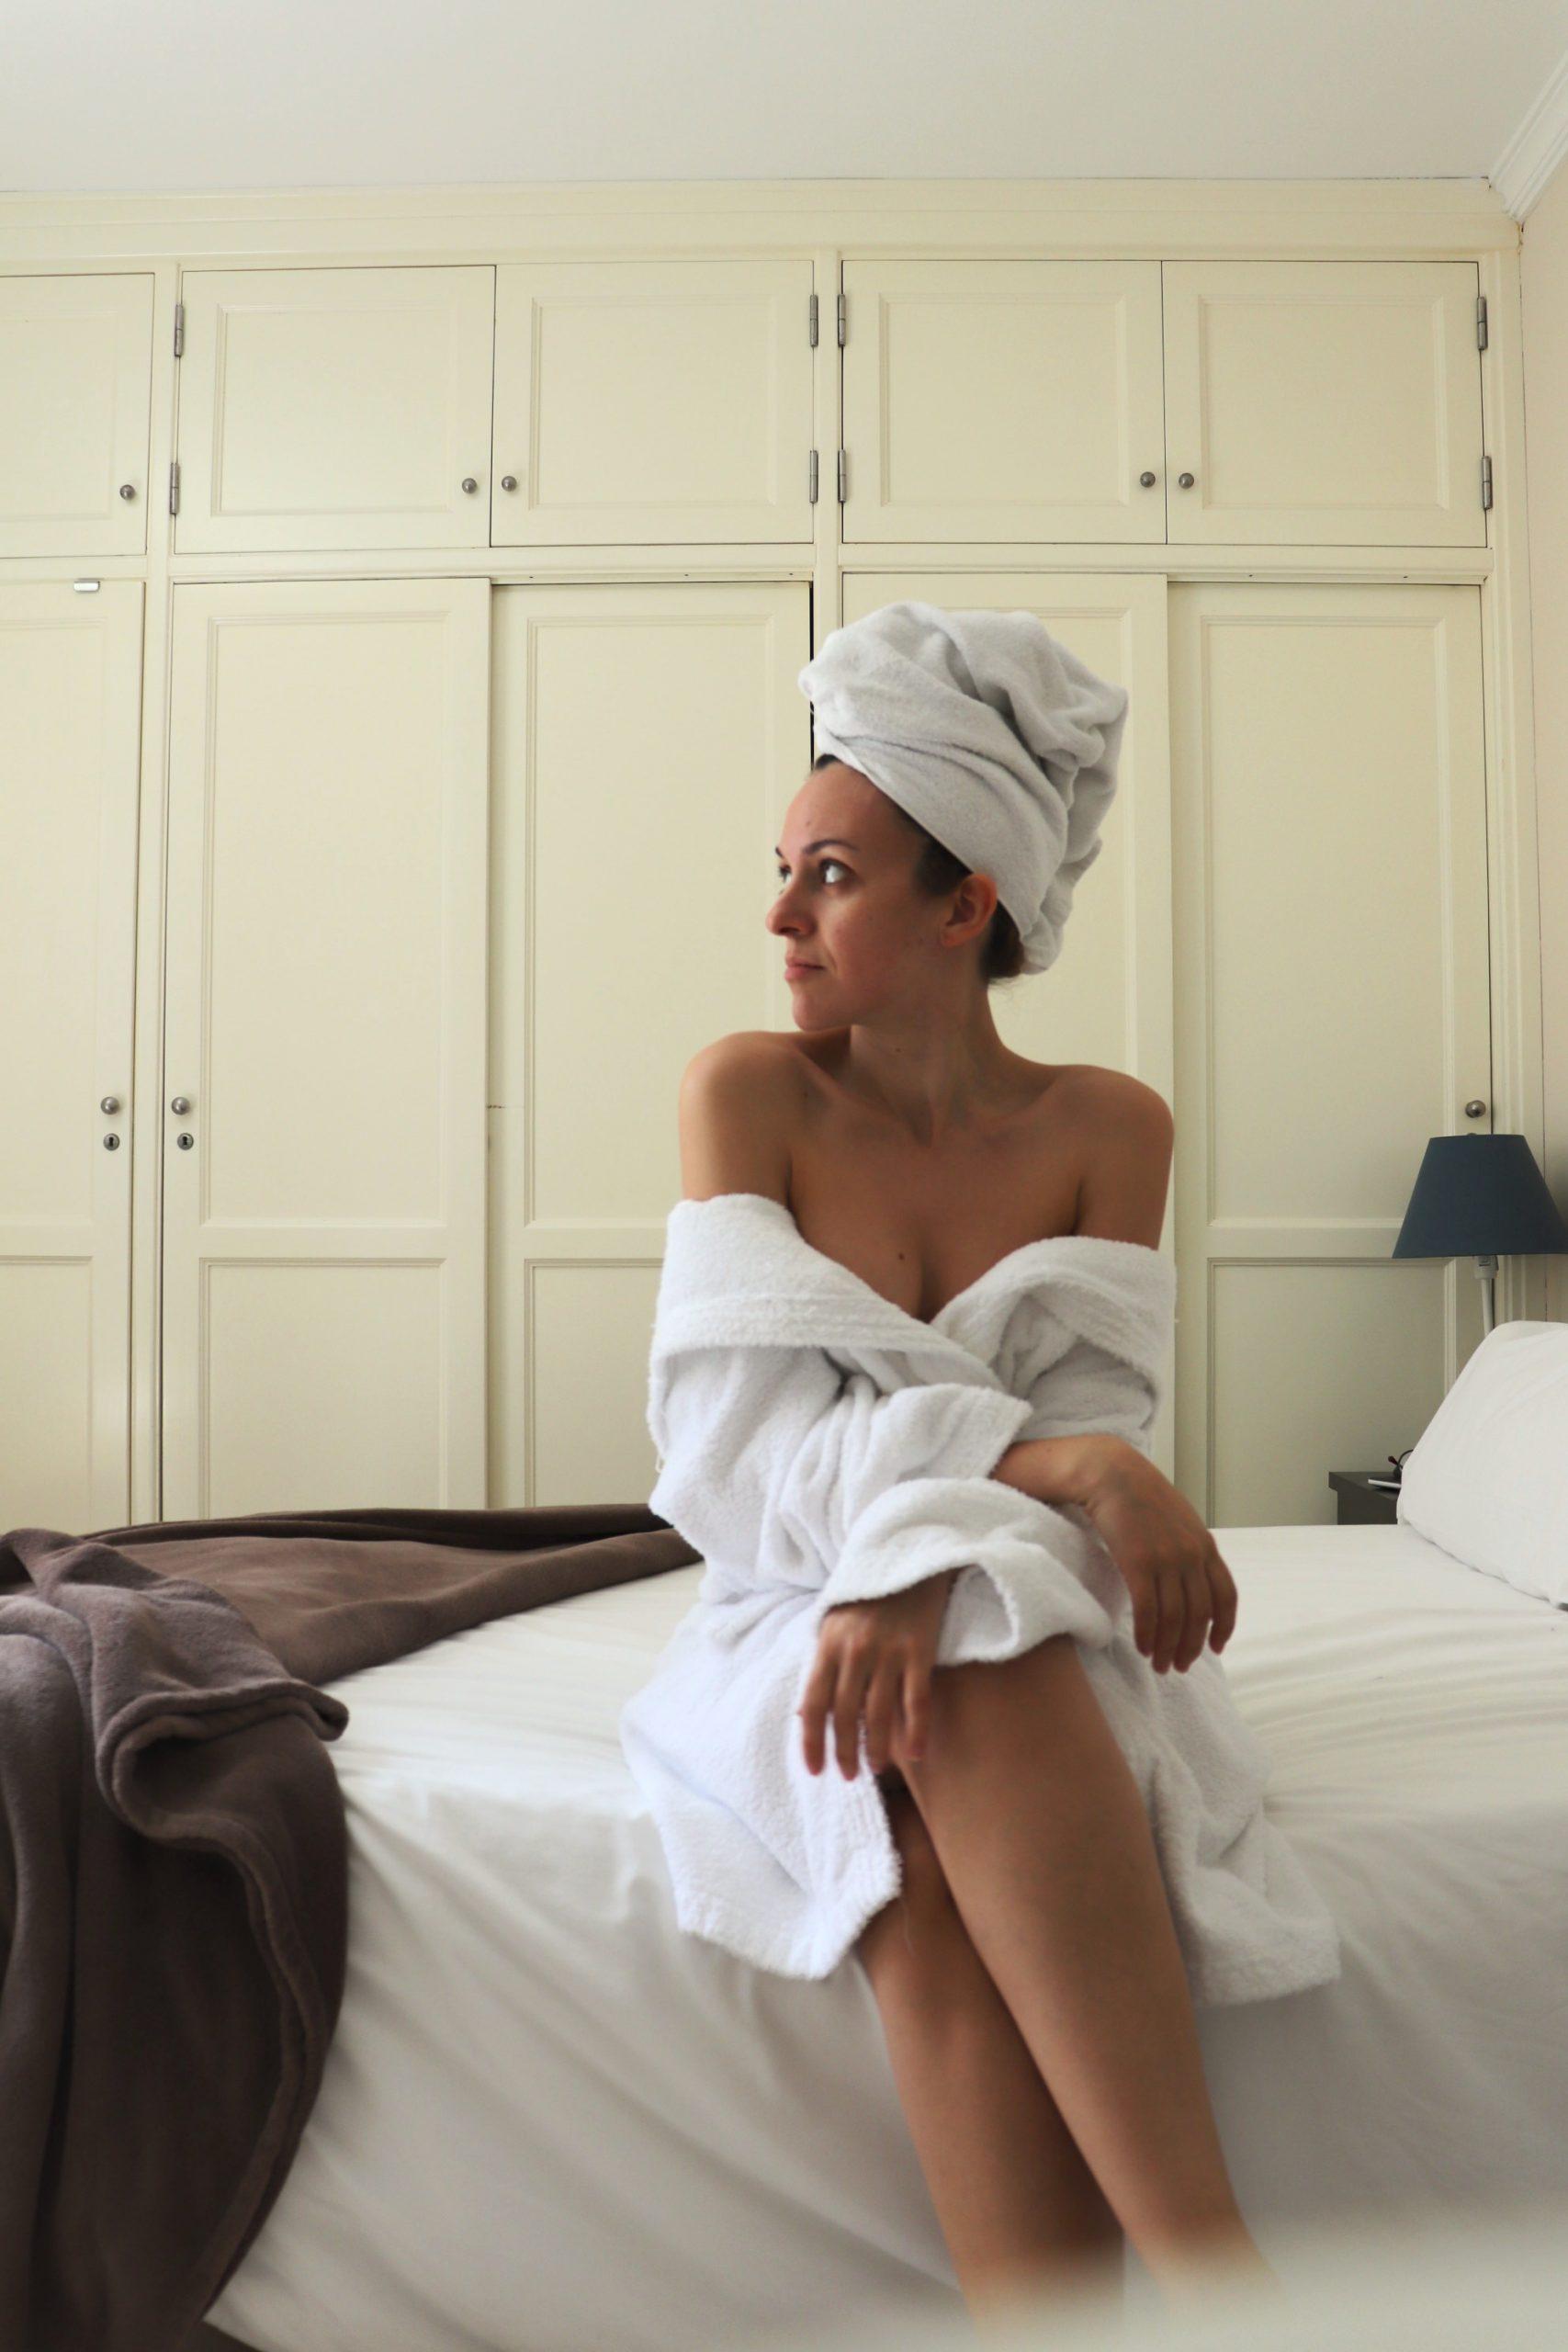 Cómo mejorar la autoestima usando lencería